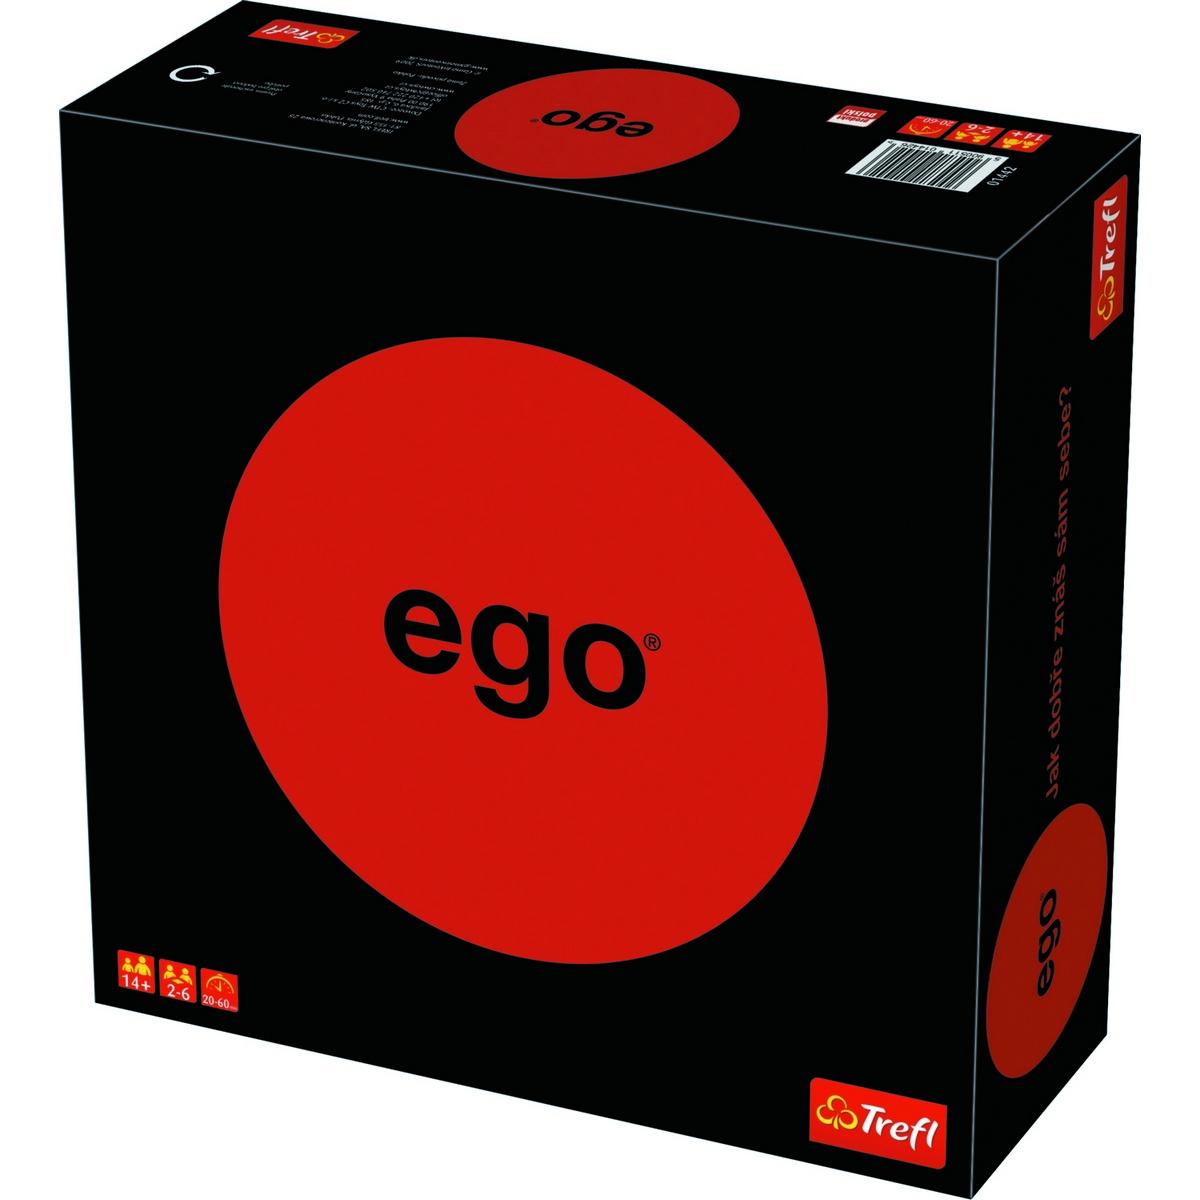 Trefl Ego Stolní hra